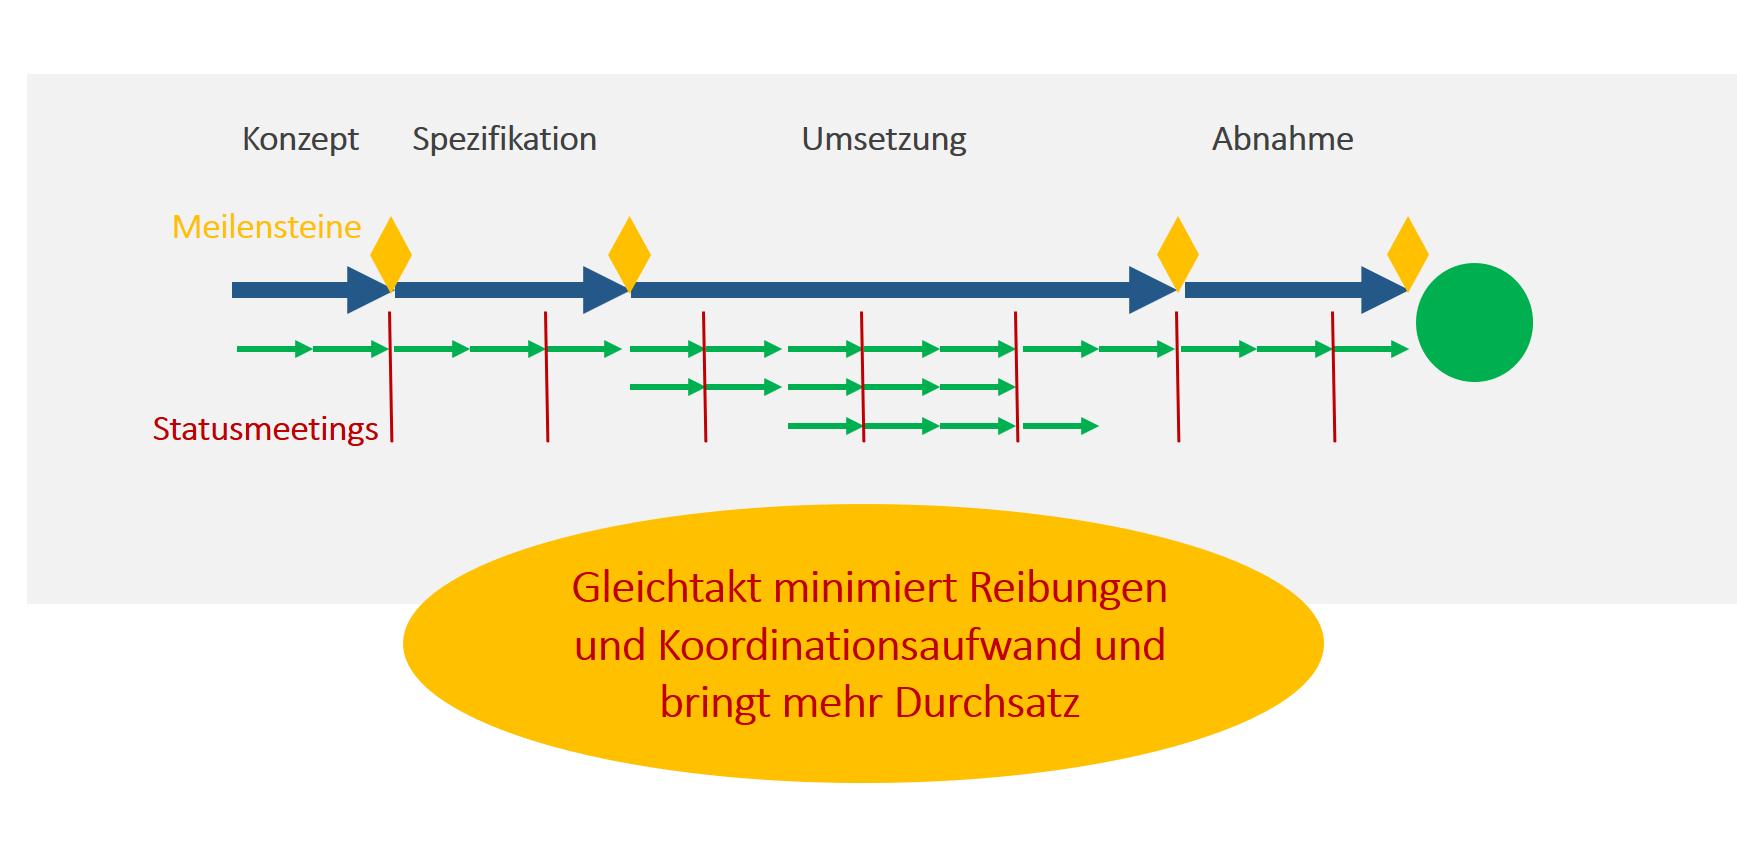 Hybrides Projektmanagement Bild 6